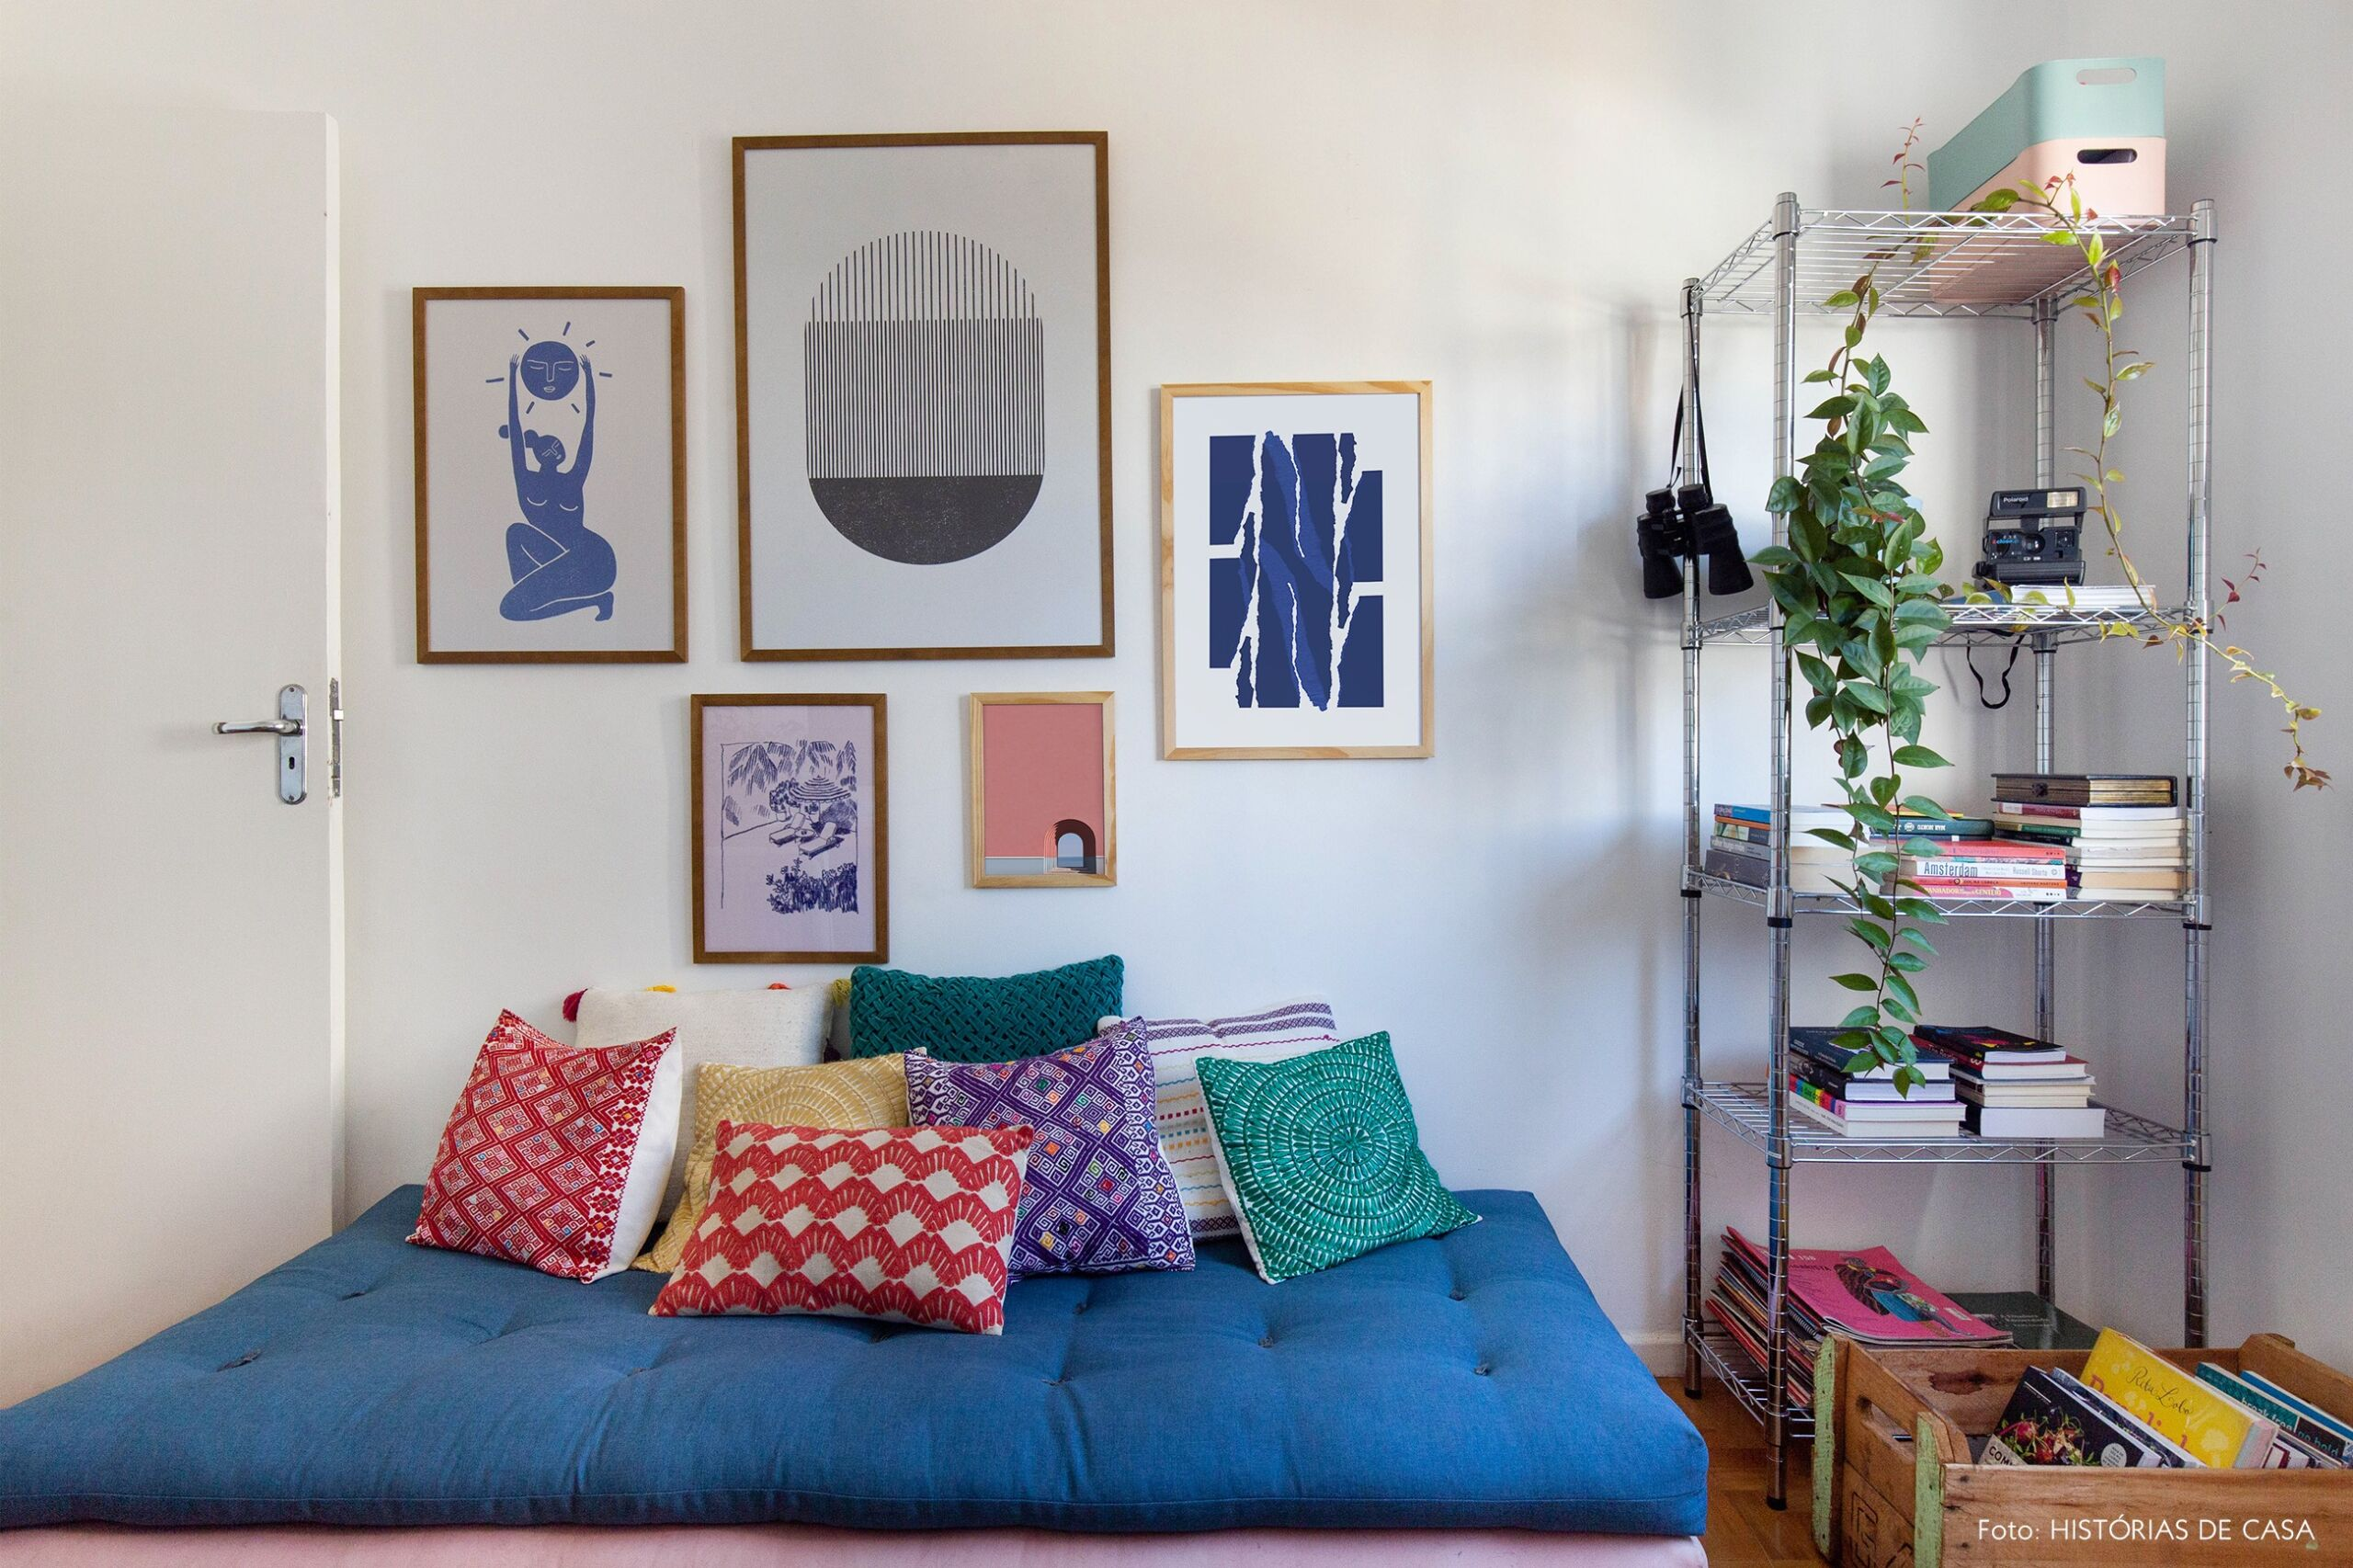 decoração obrah escritorio com futons coloridos e composição quadros